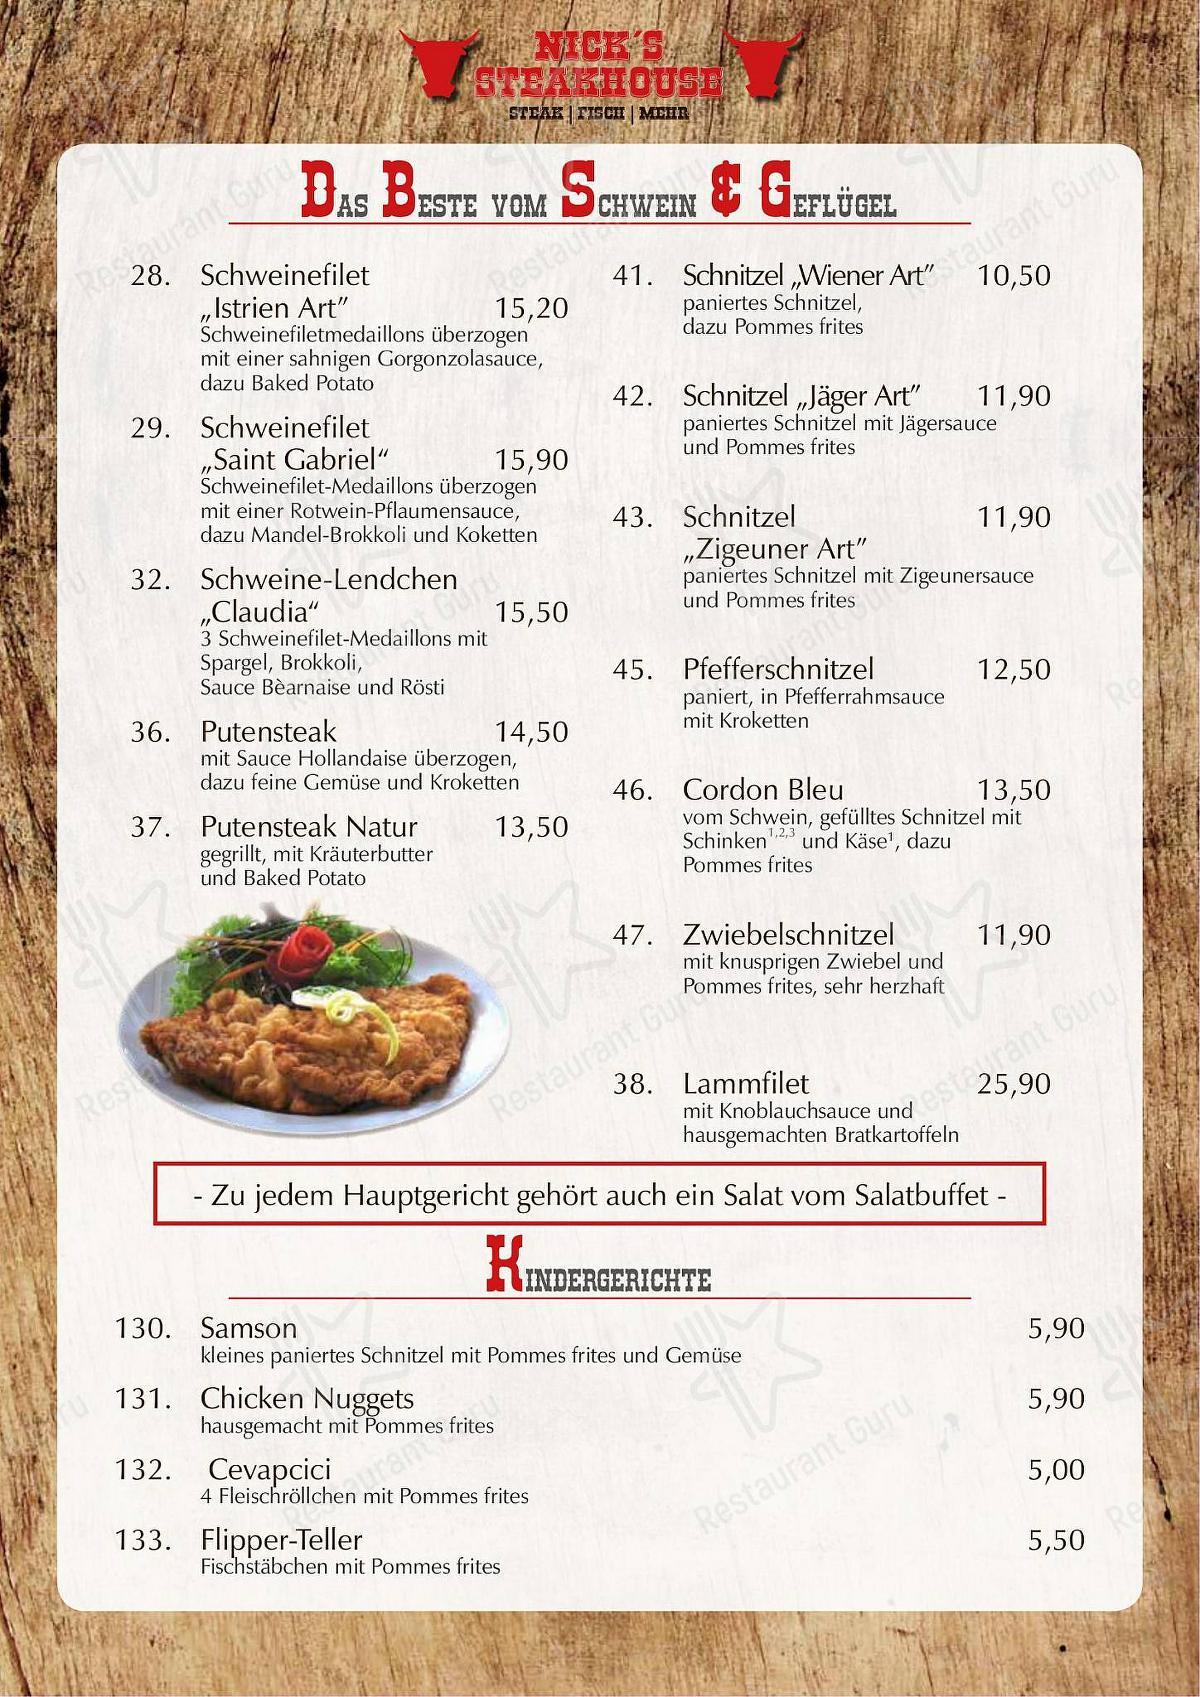 Nick's Steakhouse Speisekarte - Essen und Getränke